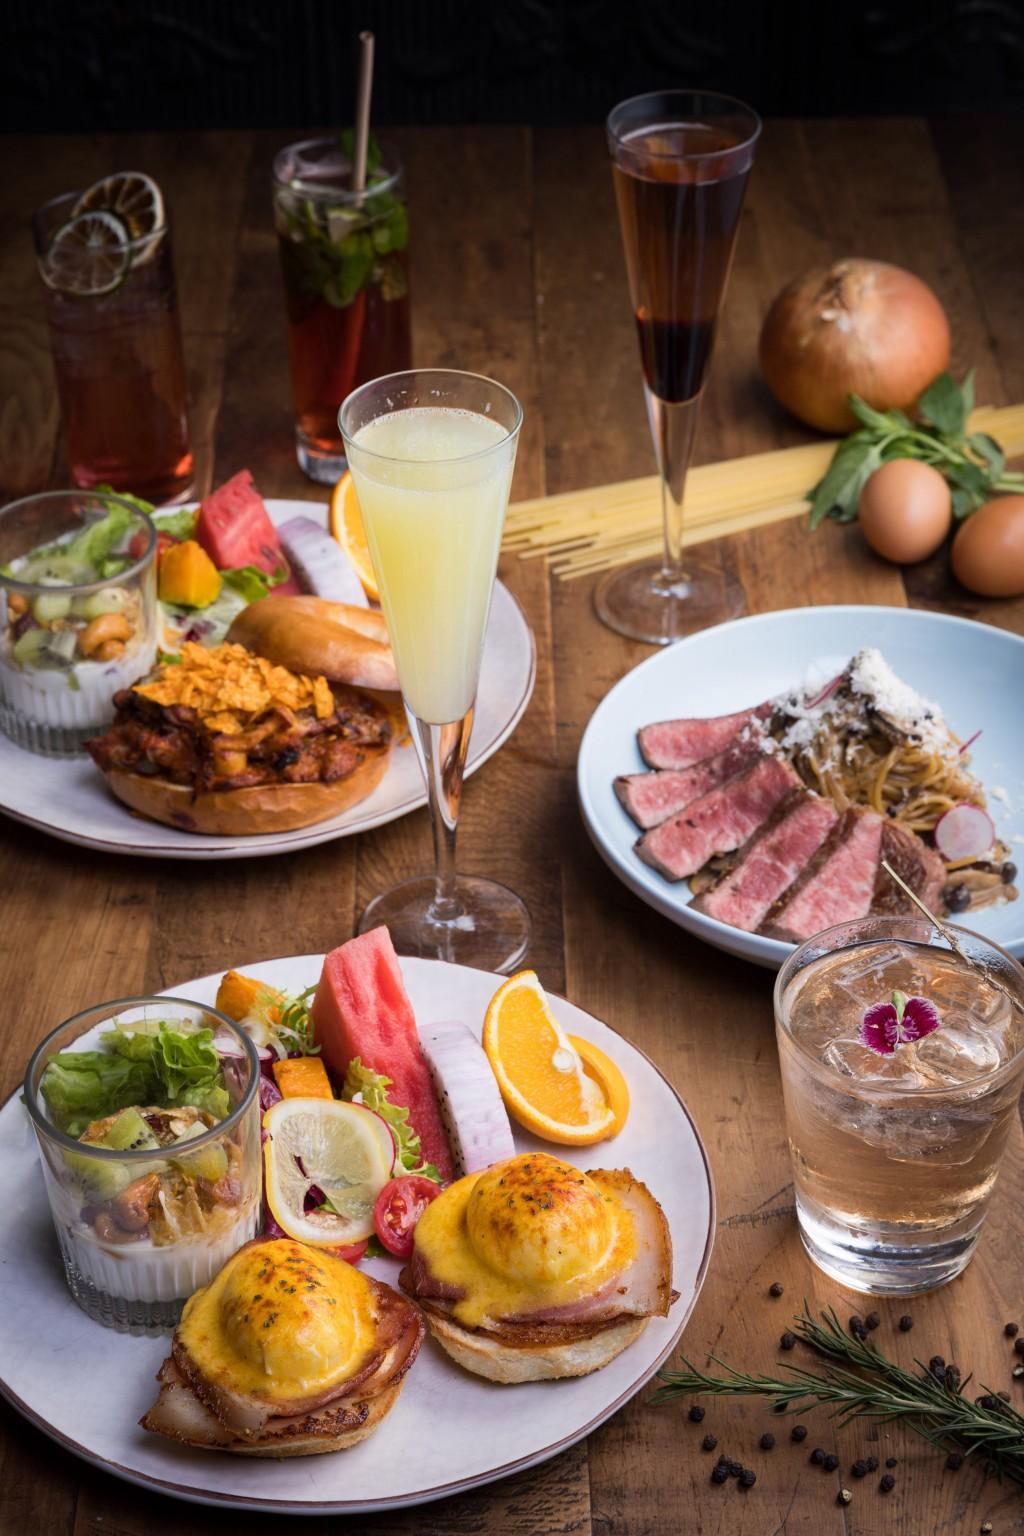 2021 讓我們早上9點就開喝! 333 RESTAURANT & BAR 早午餐 320元+10%起